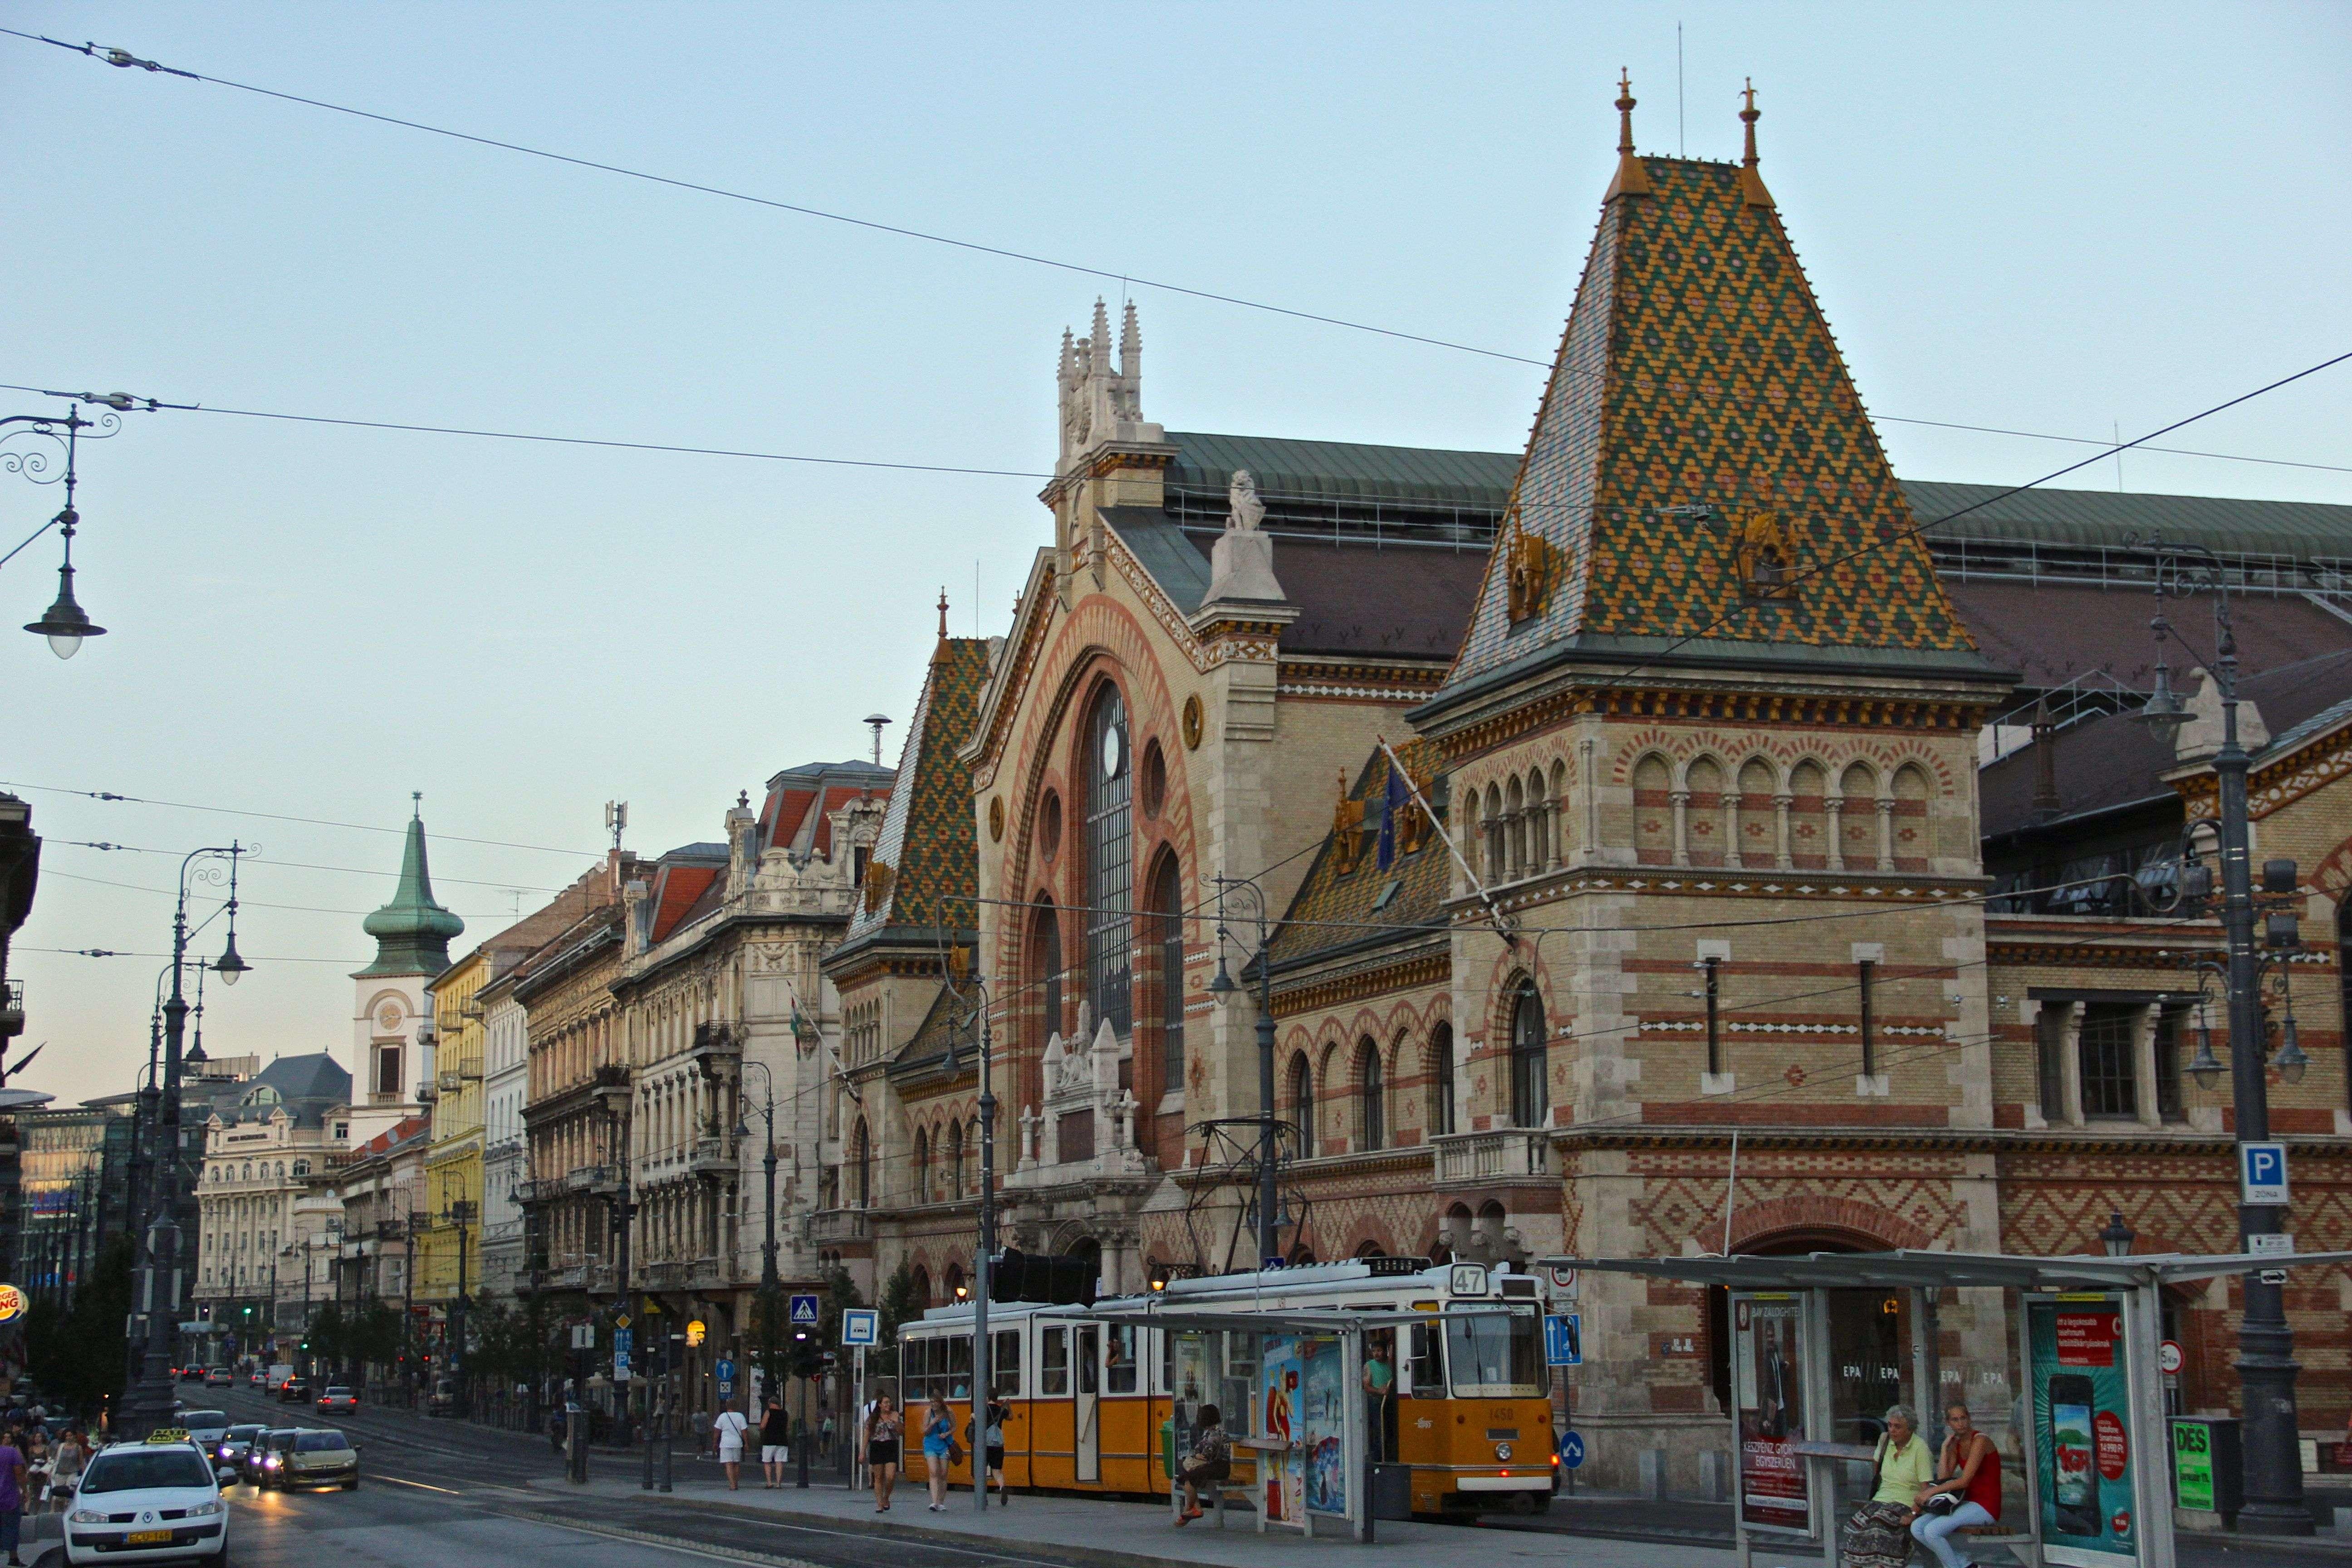 Ιστορία της Κοζάνης. Οι κομπανίες. Κοζανίτες στις παλαιές παροικίες Ουγγαρίας και Αυστρίας